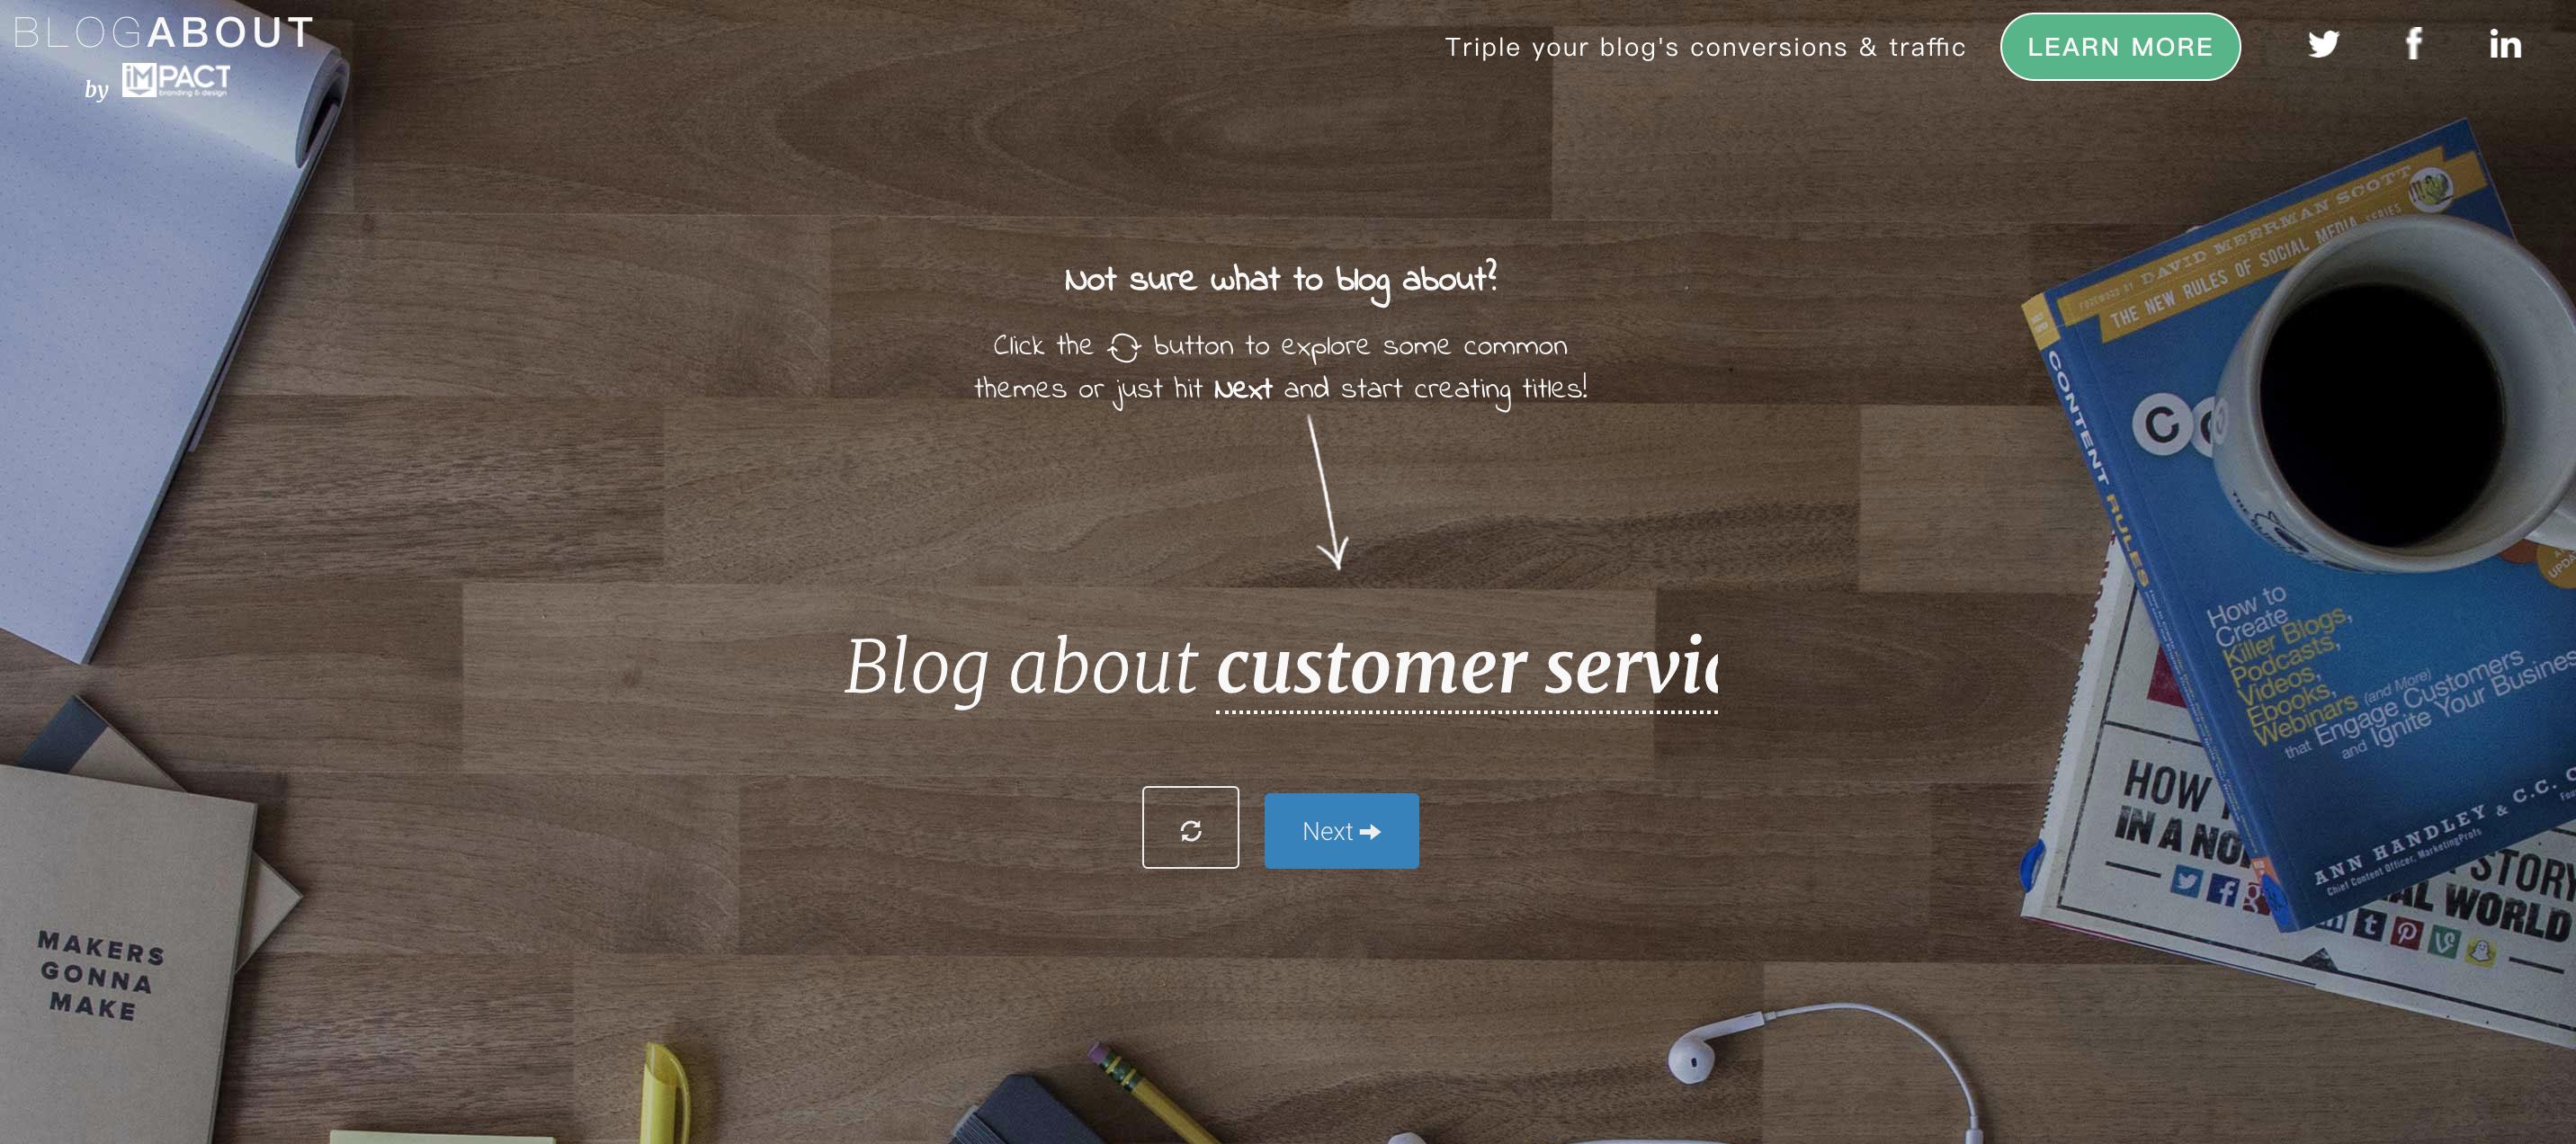 網路行銷工具:優化標題Impact-Blog About